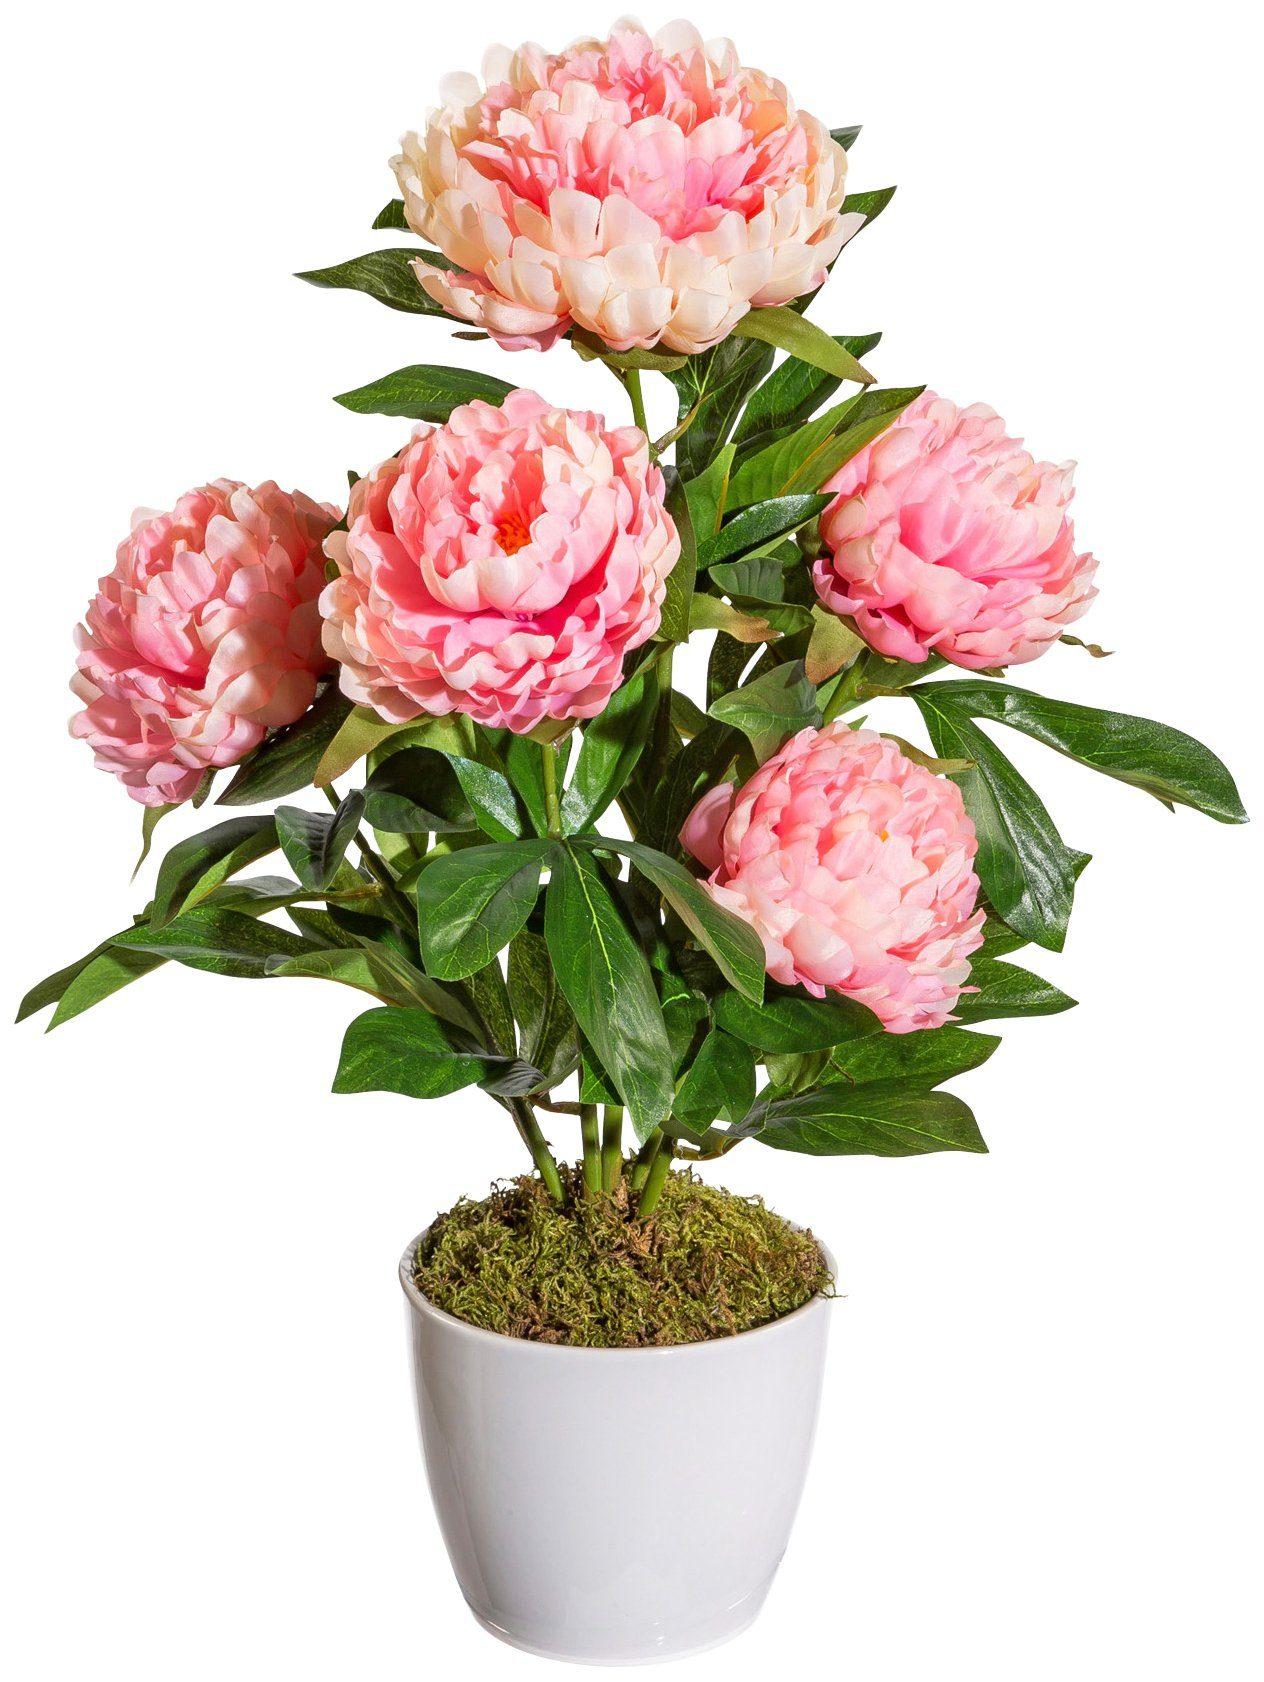 Kunstpflanze »Peonie«, im Keramiktopf, Höhe 45 cm, rosa